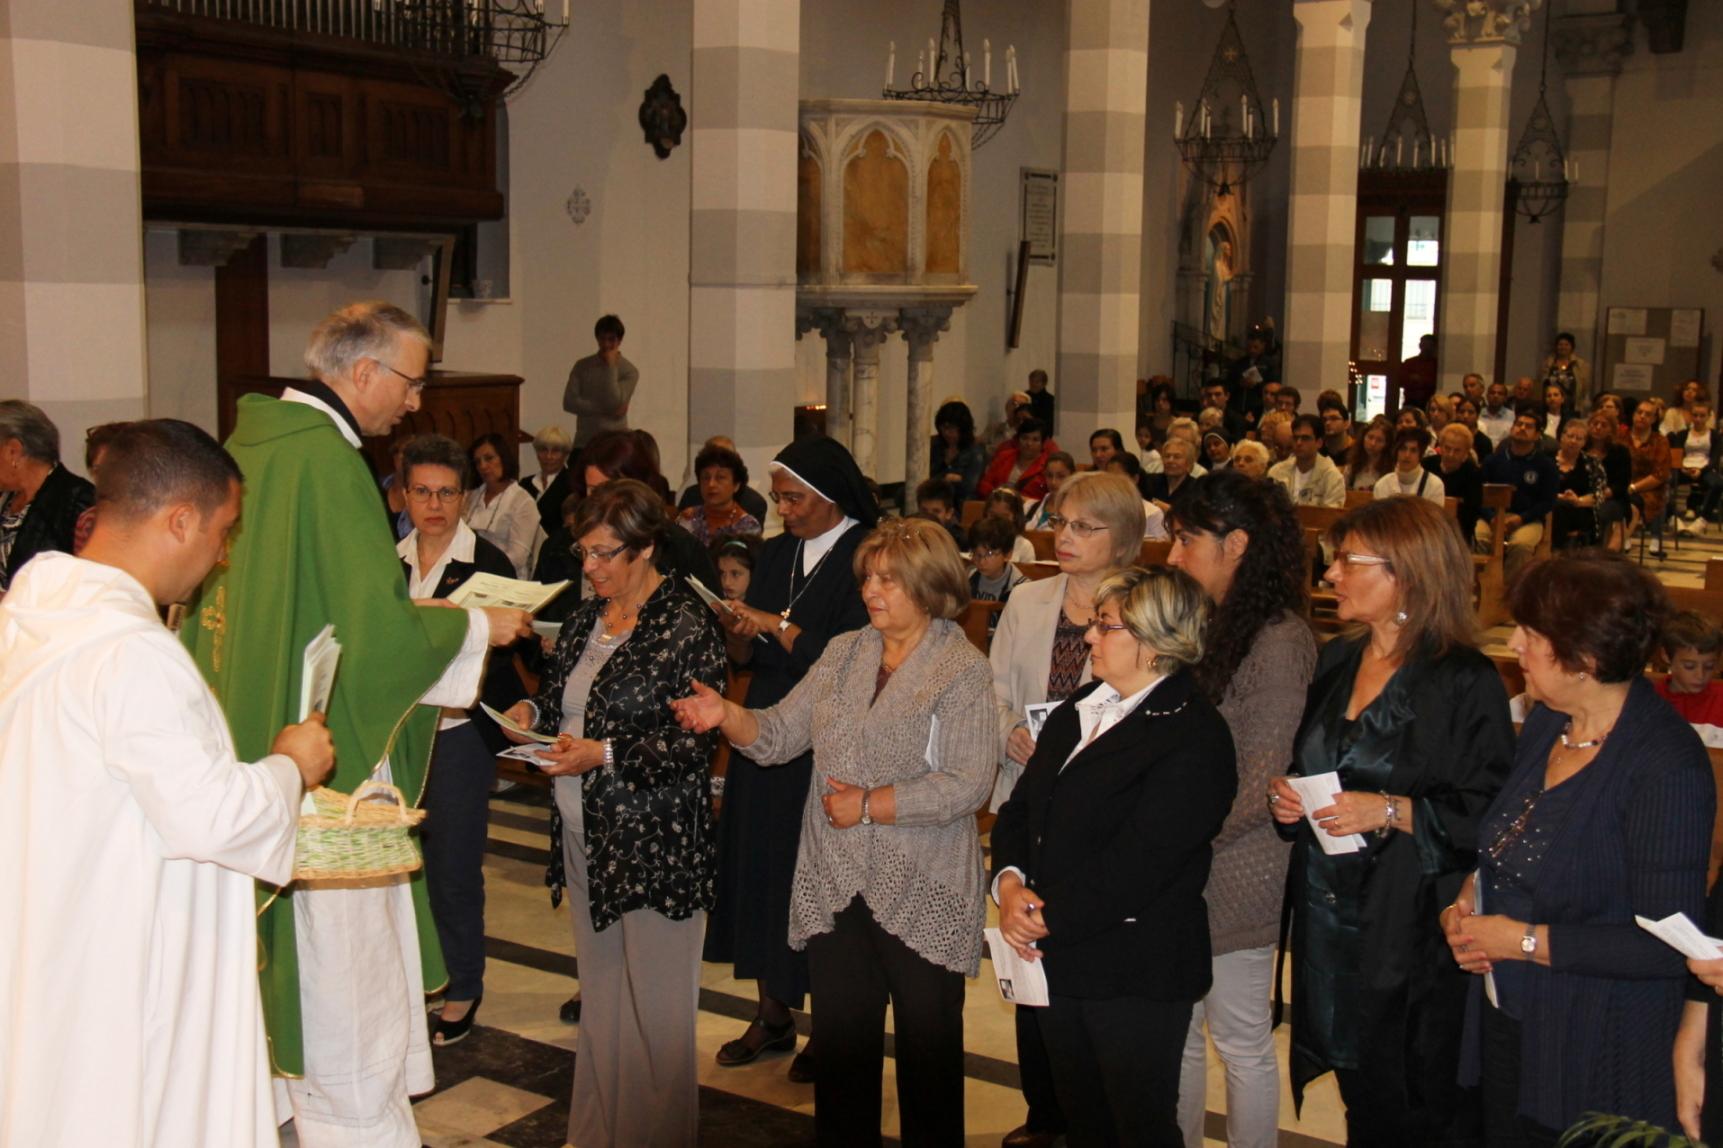 inaugurazione_anno_catechistico_e_anno_della_fede_2012-10-07-11-31-19